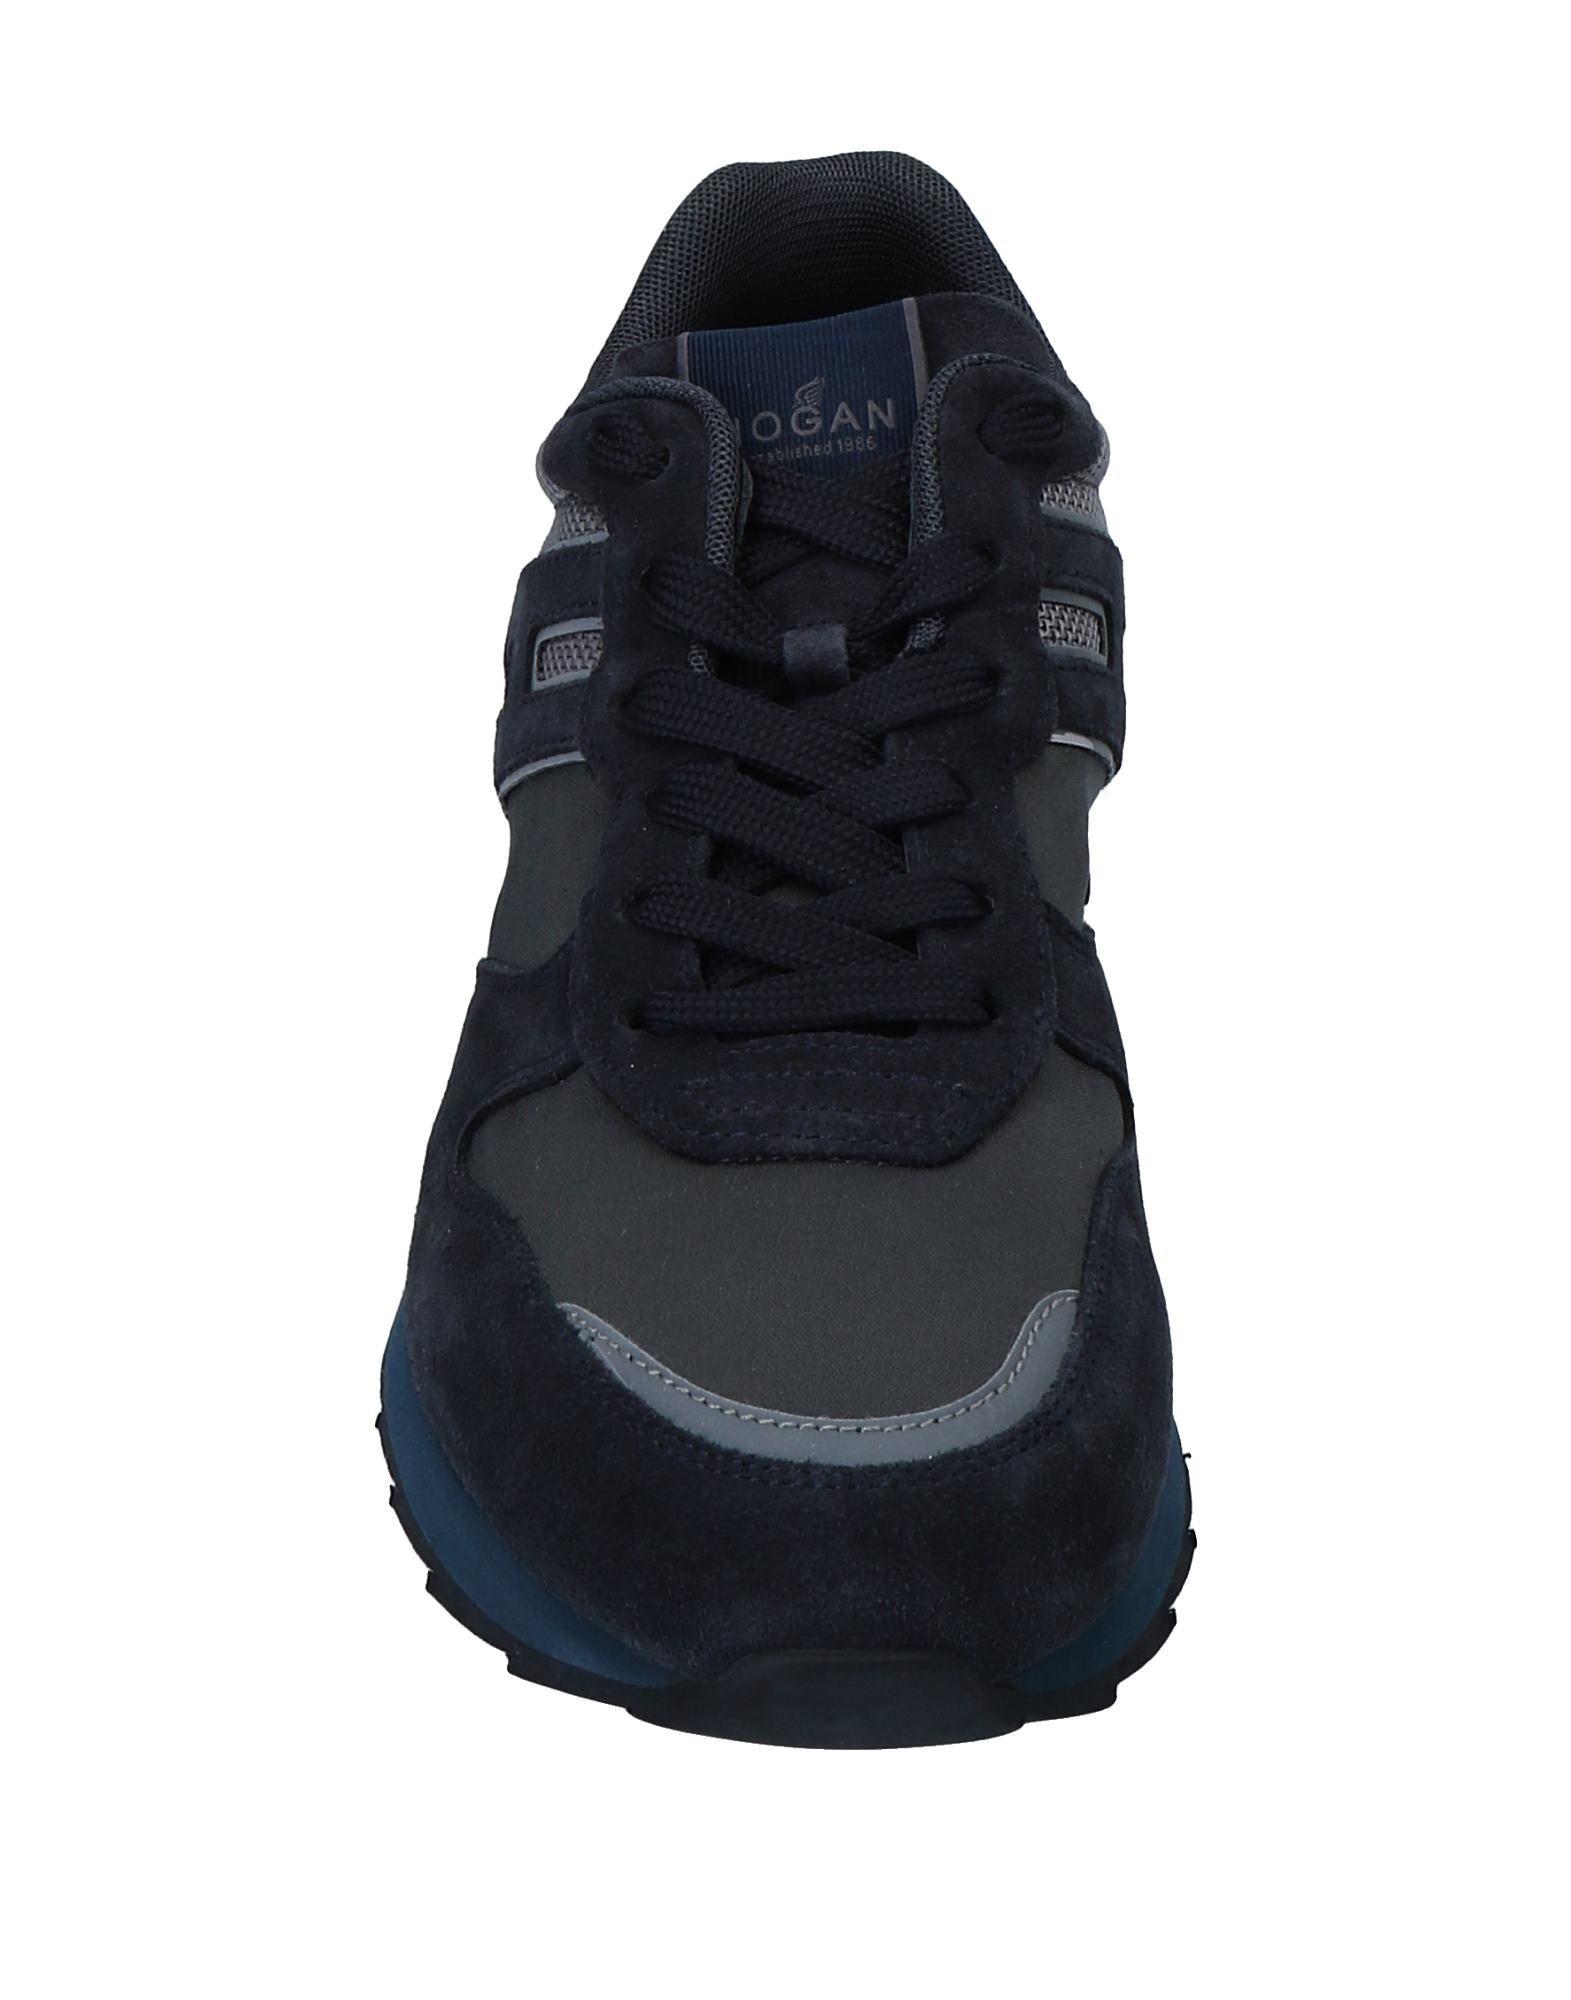 Hogan Sneakers Gutes Herren Gutes Sneakers Preis-Leistungs-Verhältnis, es lohnt sich 9f0c53